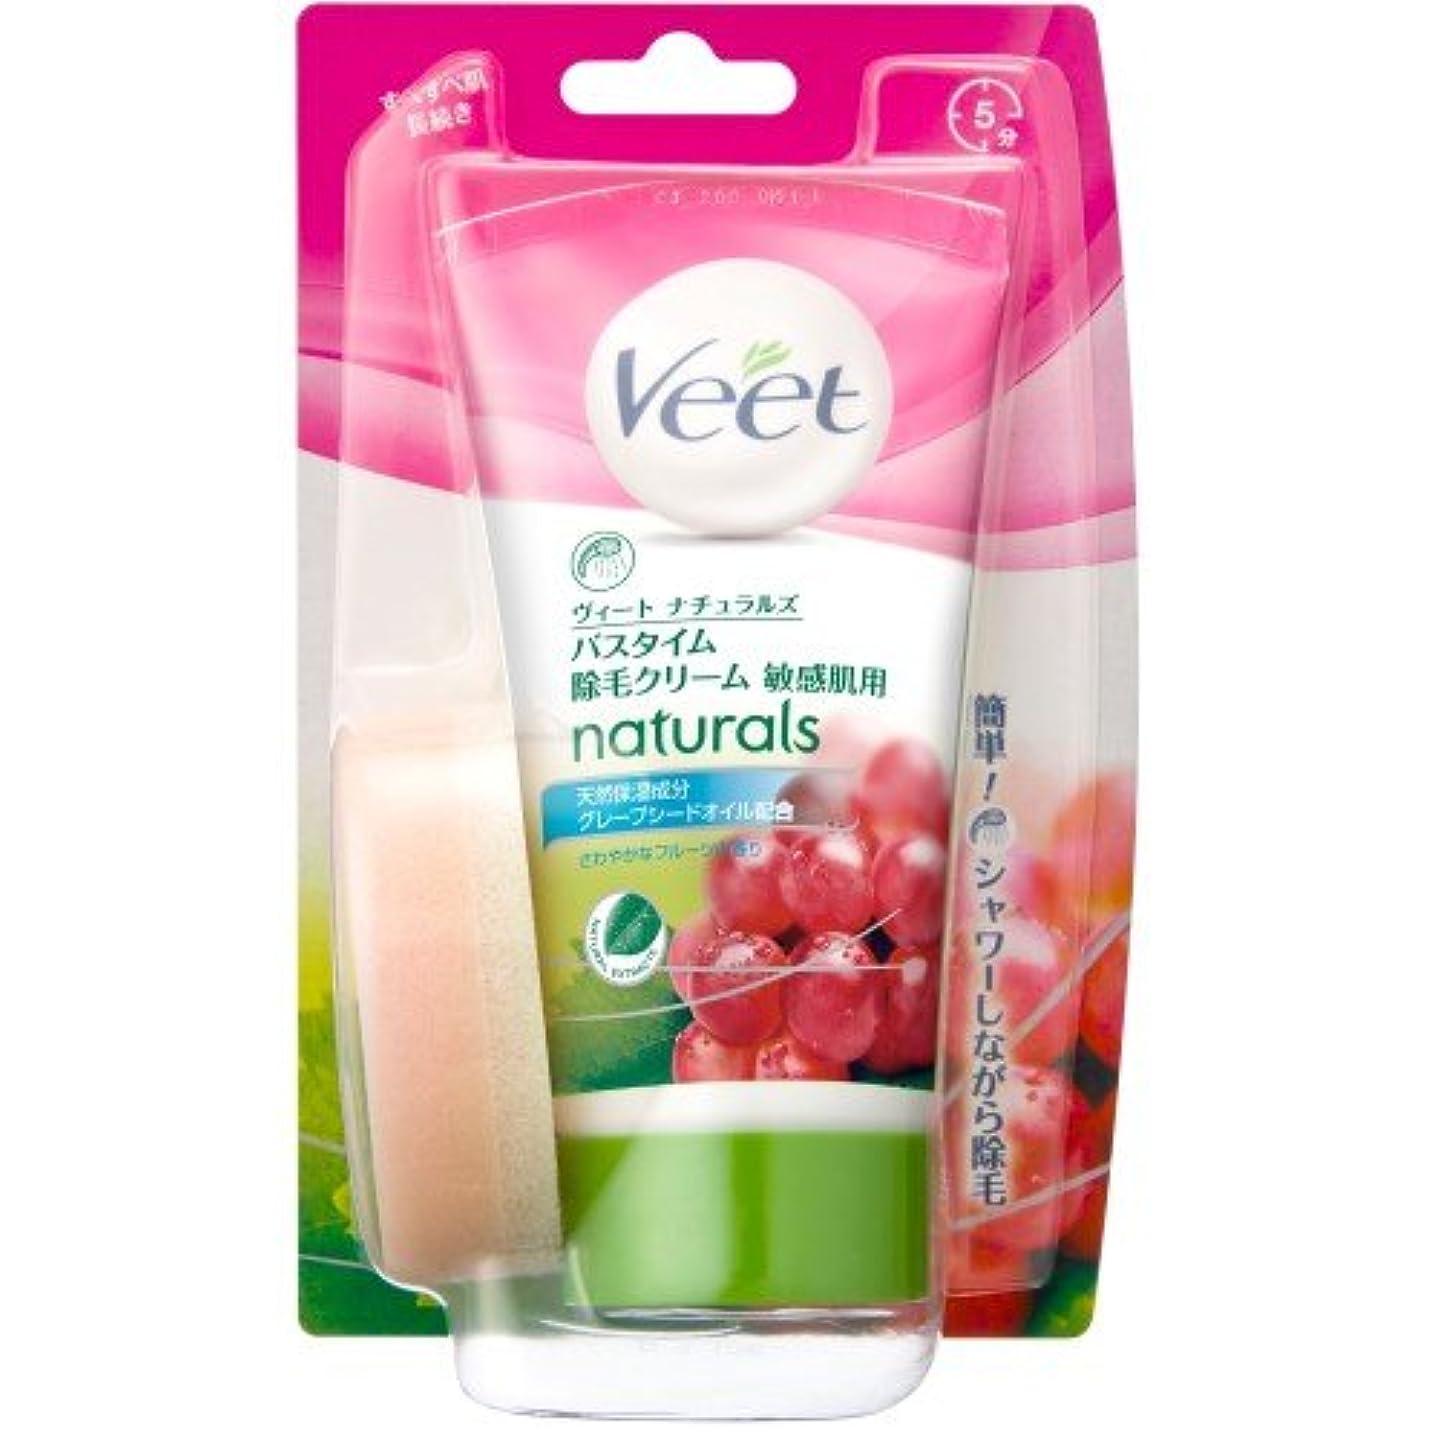 チップ今までラップヴィート バスタイムセン用 除毛クリーム 敏感肌用 150g (Veet Naturals In Shower Hair Removal Cream? Sensitive 150g)